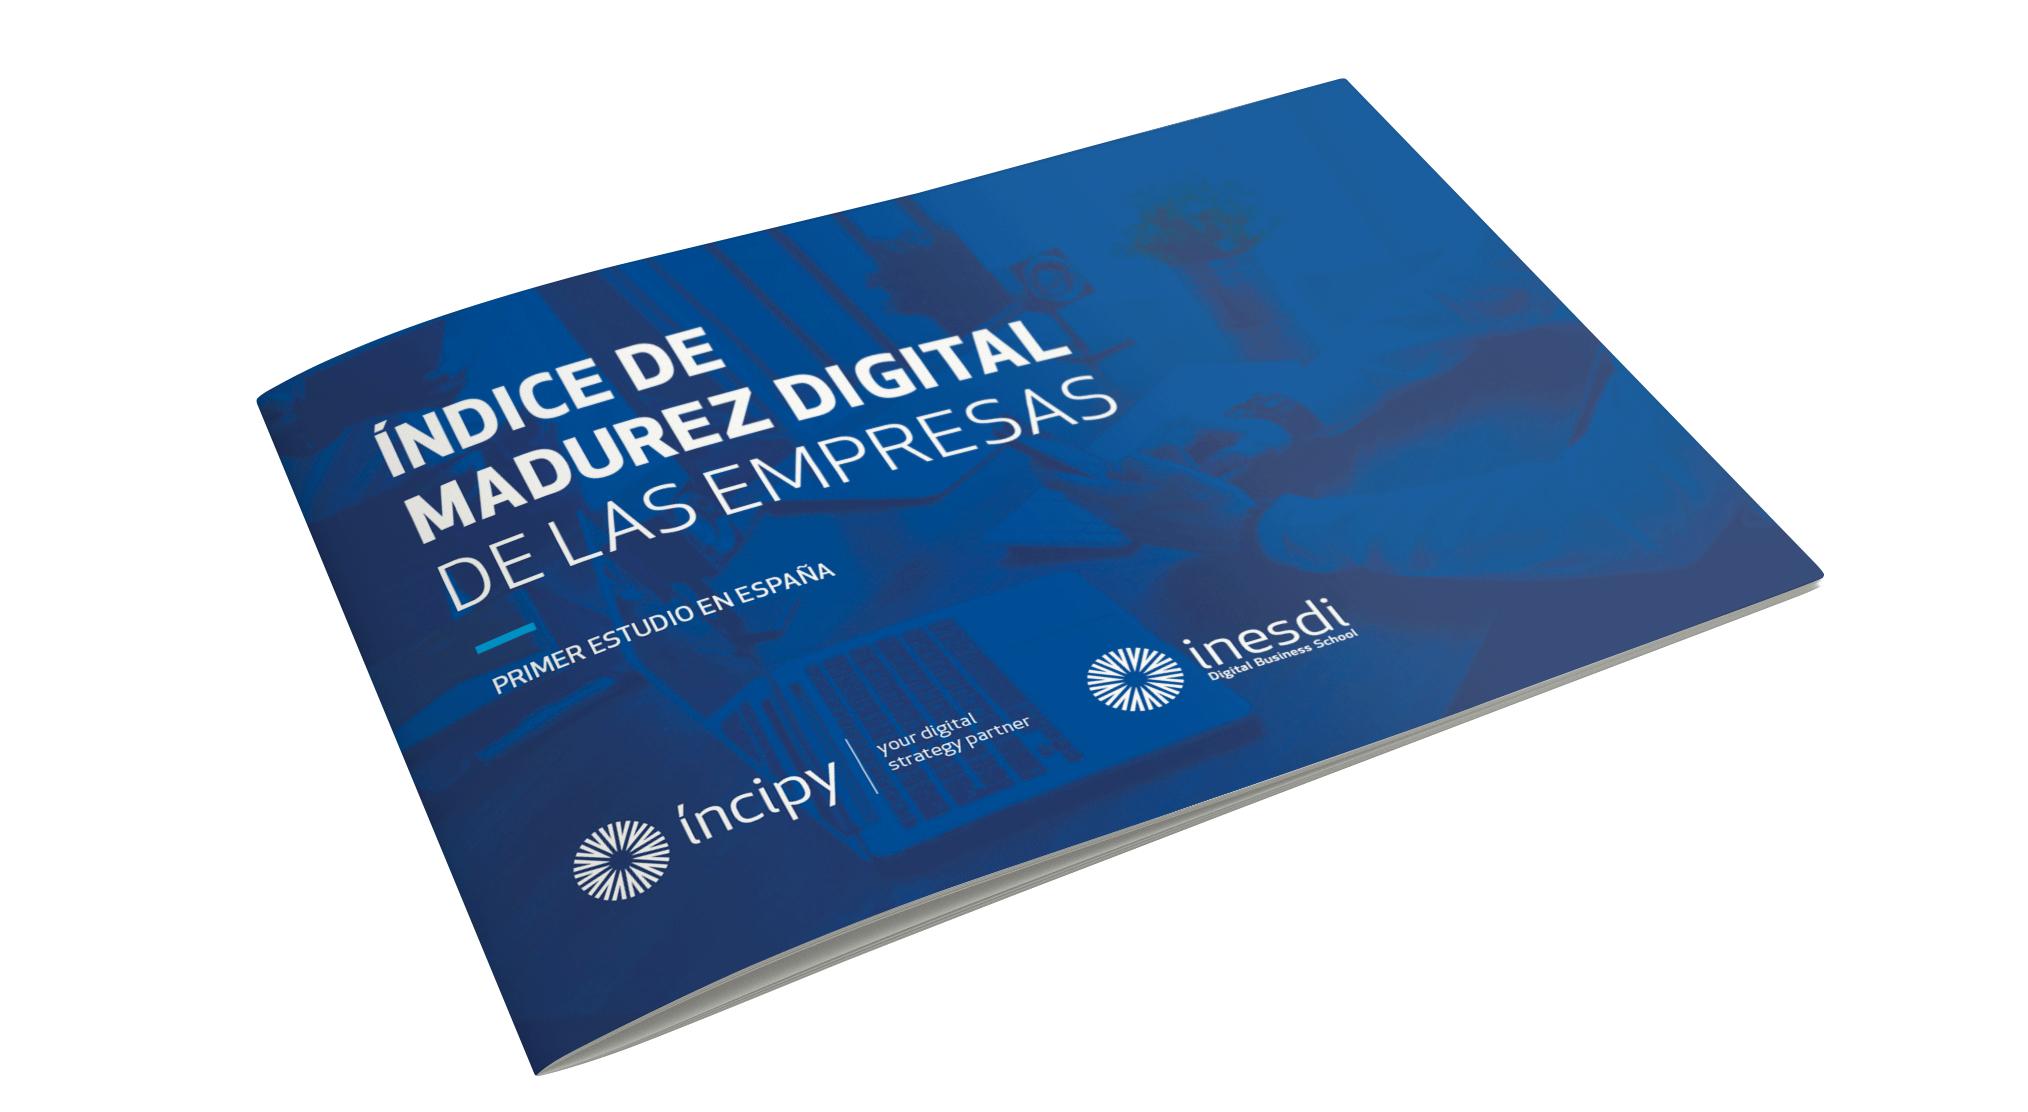 Imagen-Indice-Madurez-Digital-Empresas--1.png